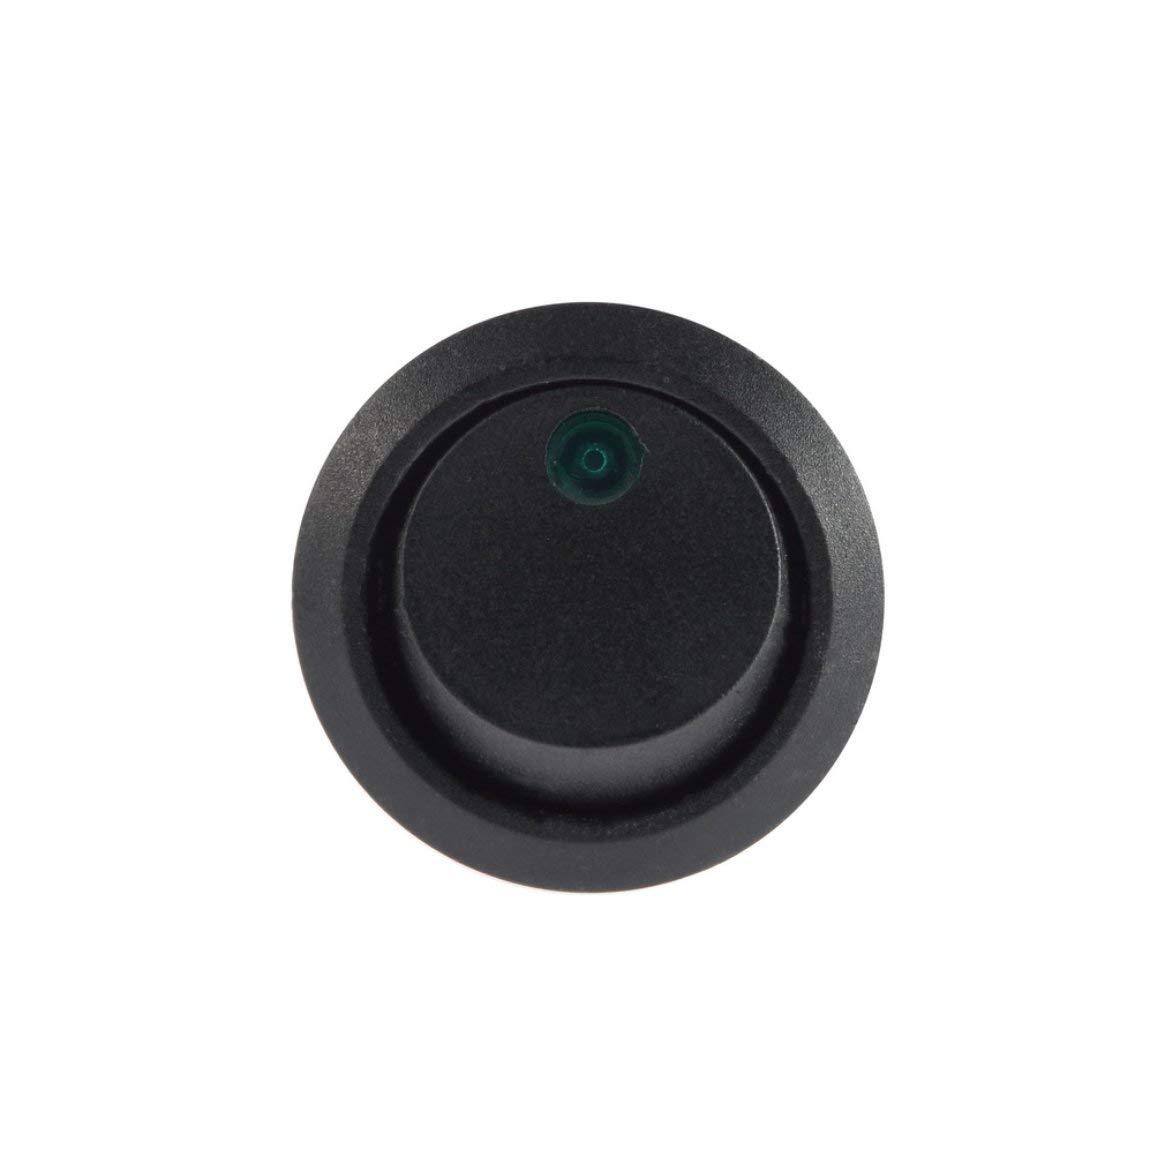 Led Dot Licht 12 V Auto Auto Boot Runde Rocker ON//OFF Toggle SPST Schalter Lkw mit einem Schl/üsselloch-slot Unerw/ünschte Rotation zu verhindern